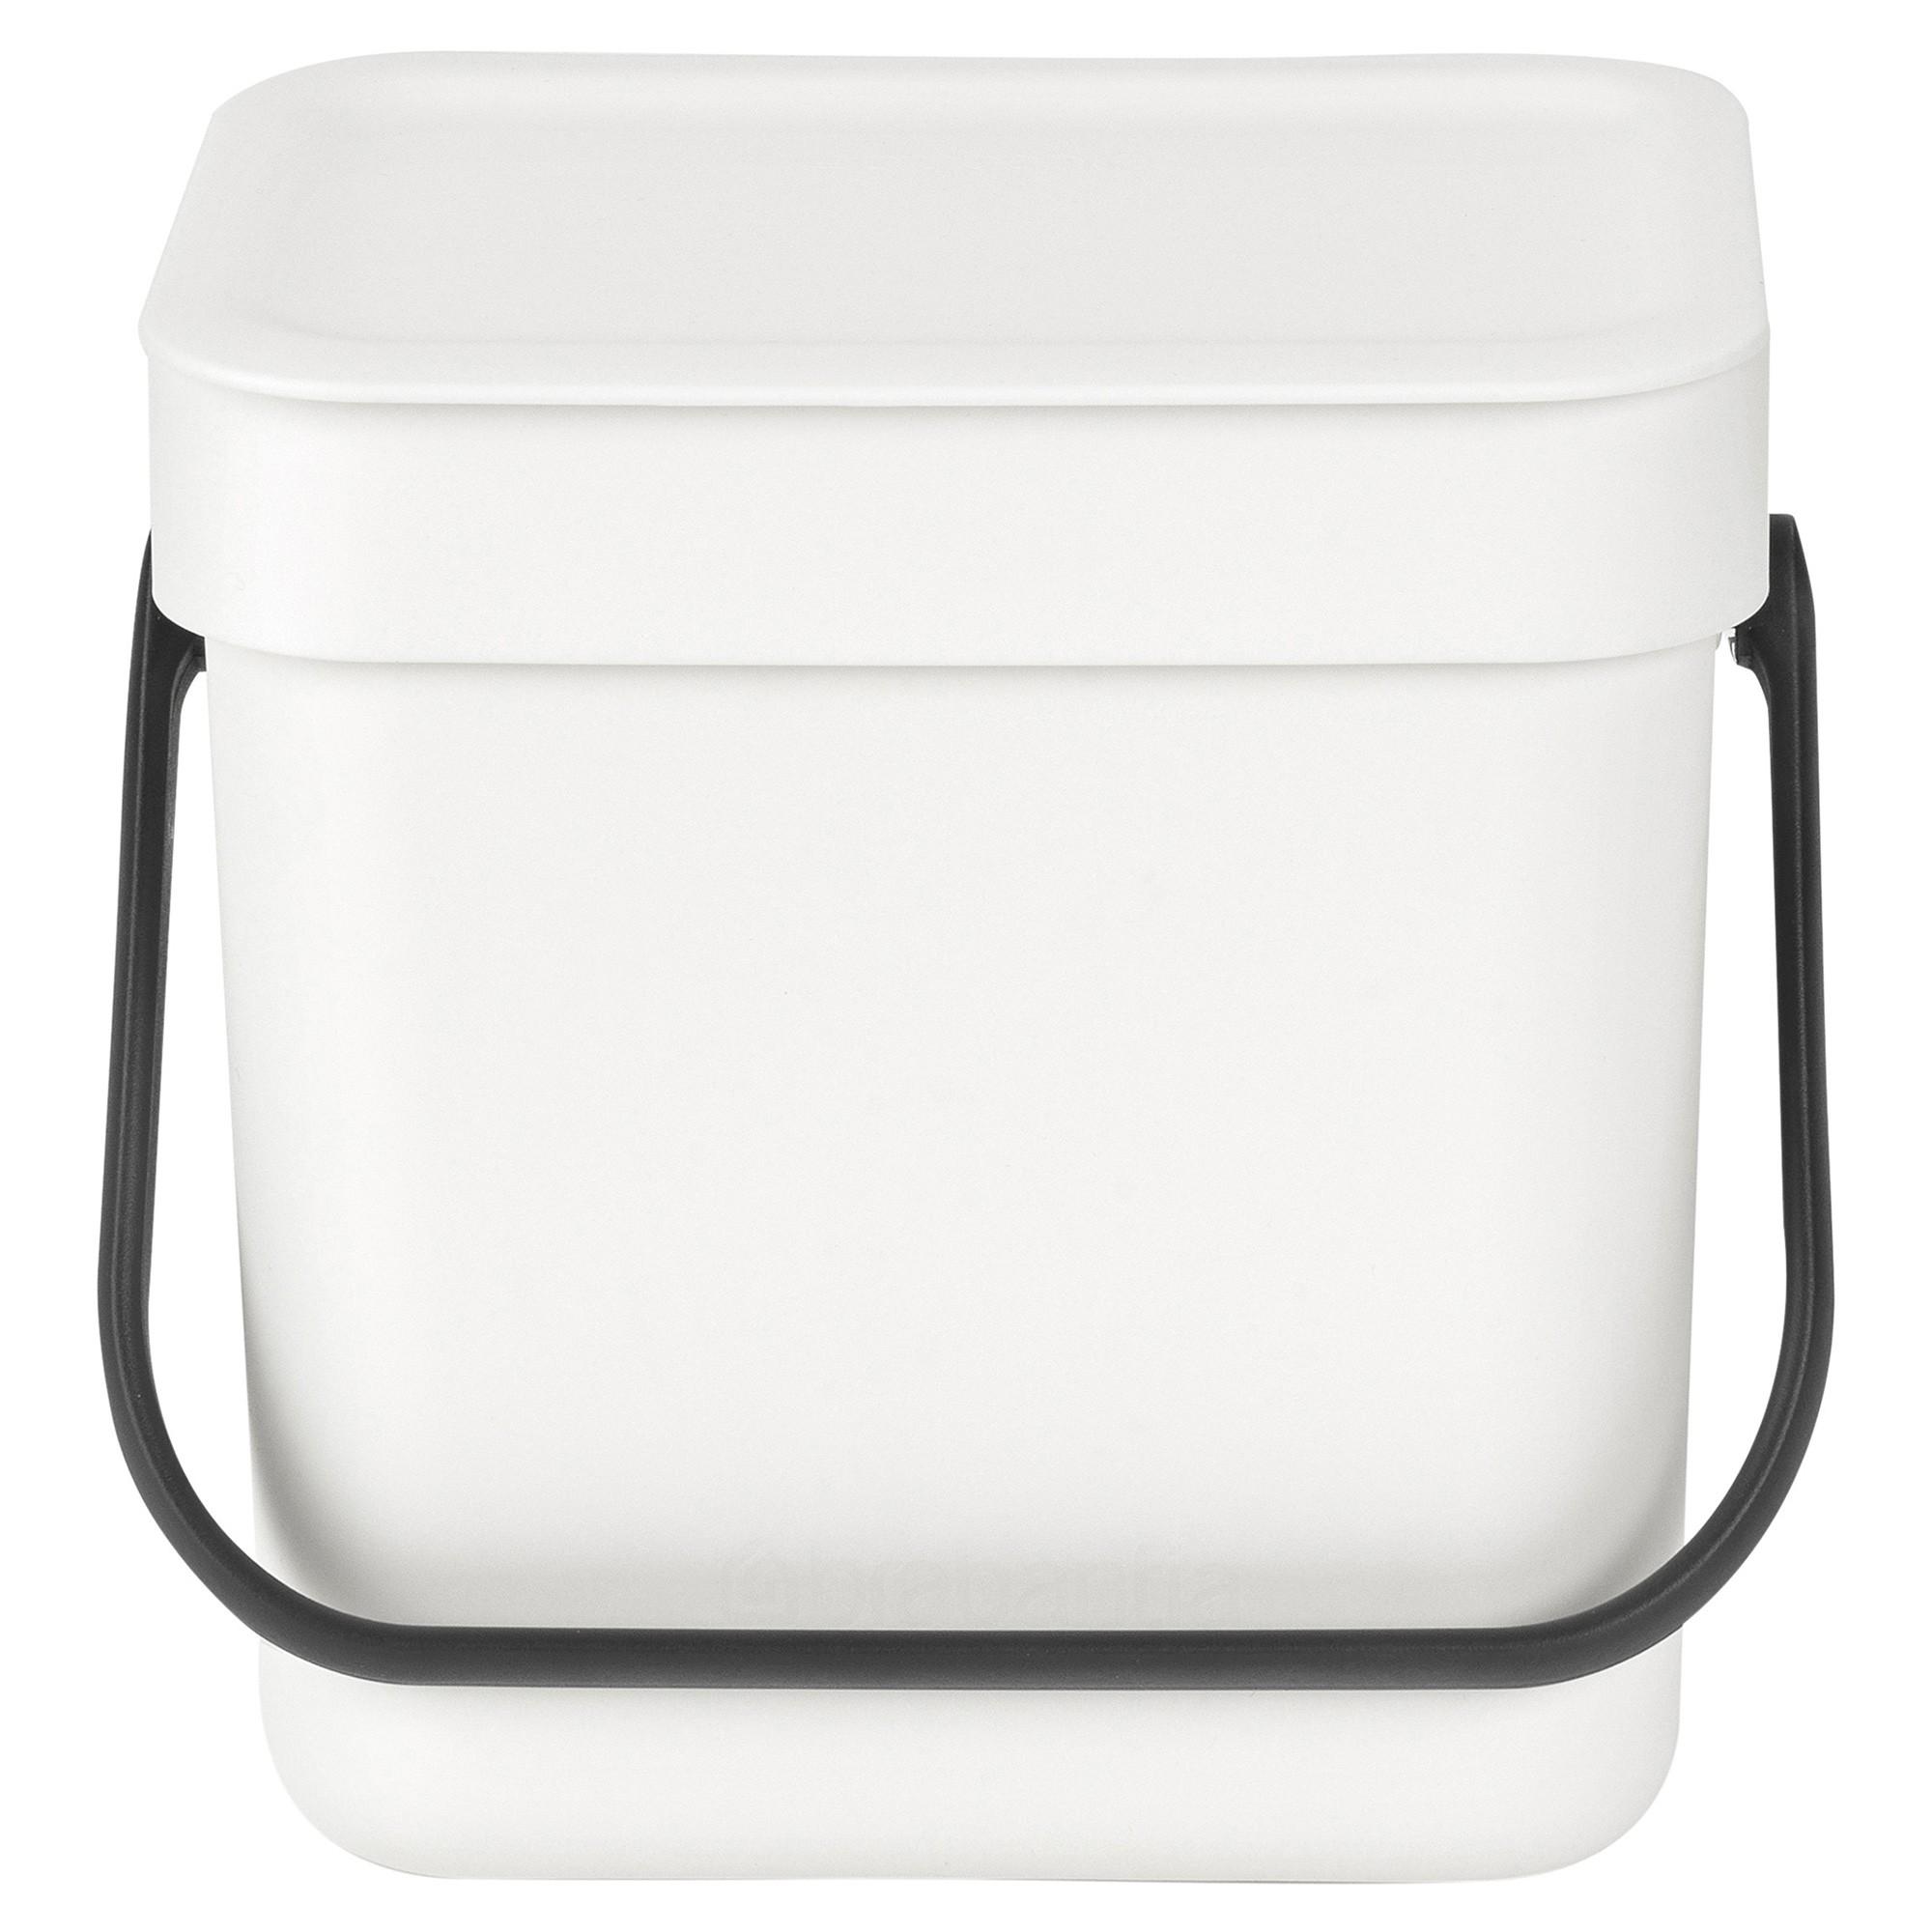 Brabantia Sort & Go Waste Bin, 3 Litre, White